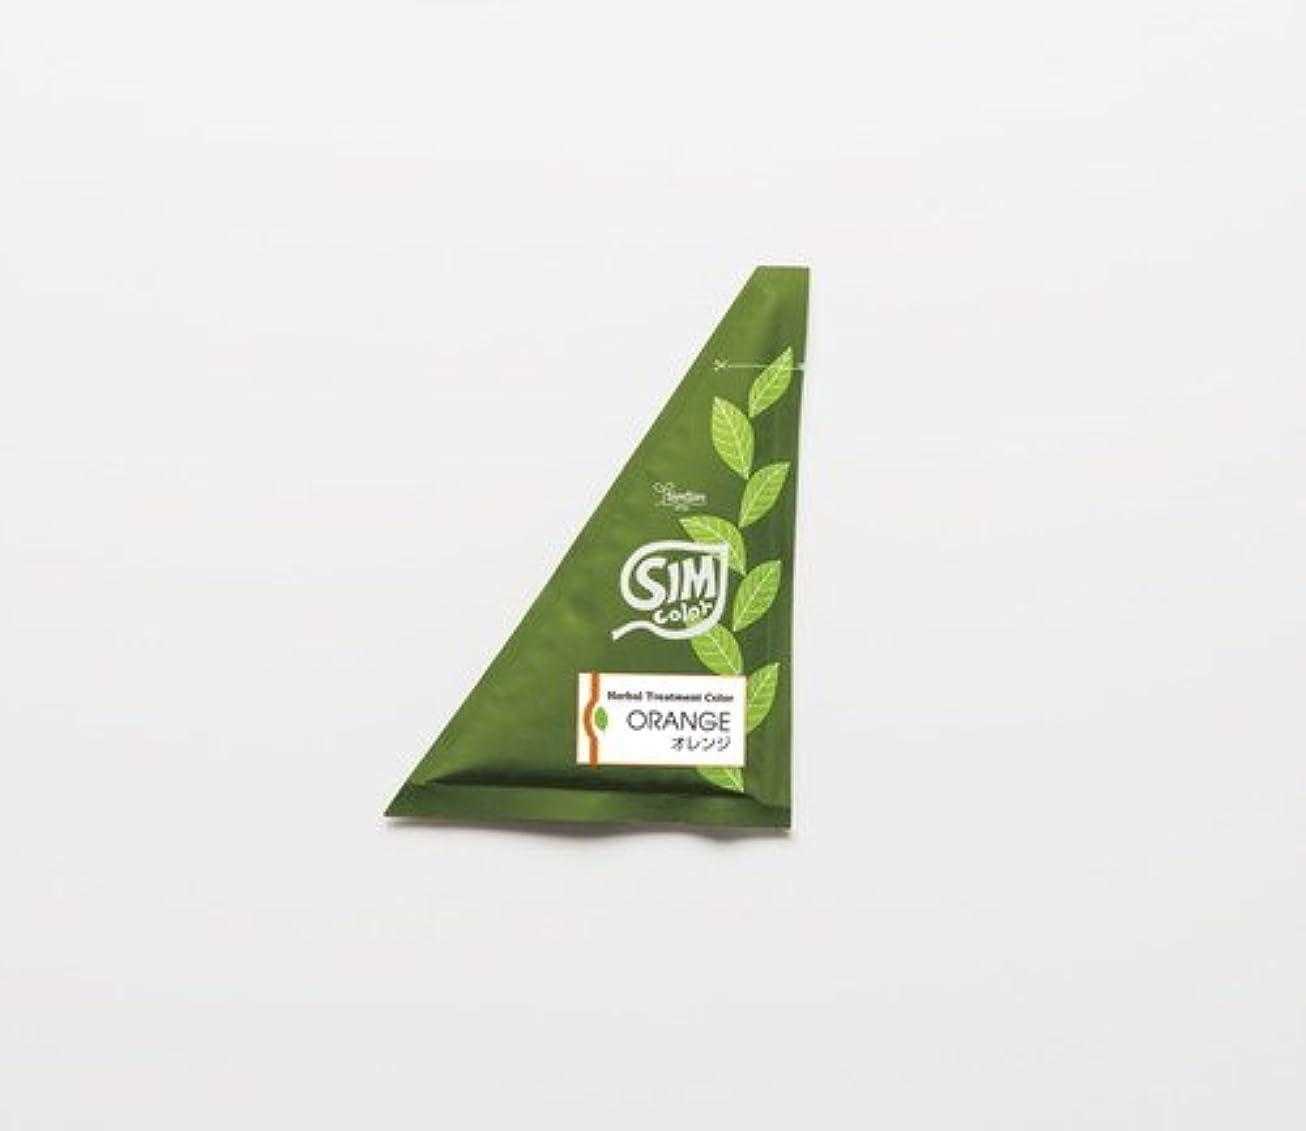 葉を集める真実浪費SimSim(シムシム)お手軽簡単シムカラーエクストラ(EX)25g 2袋 オレンジ